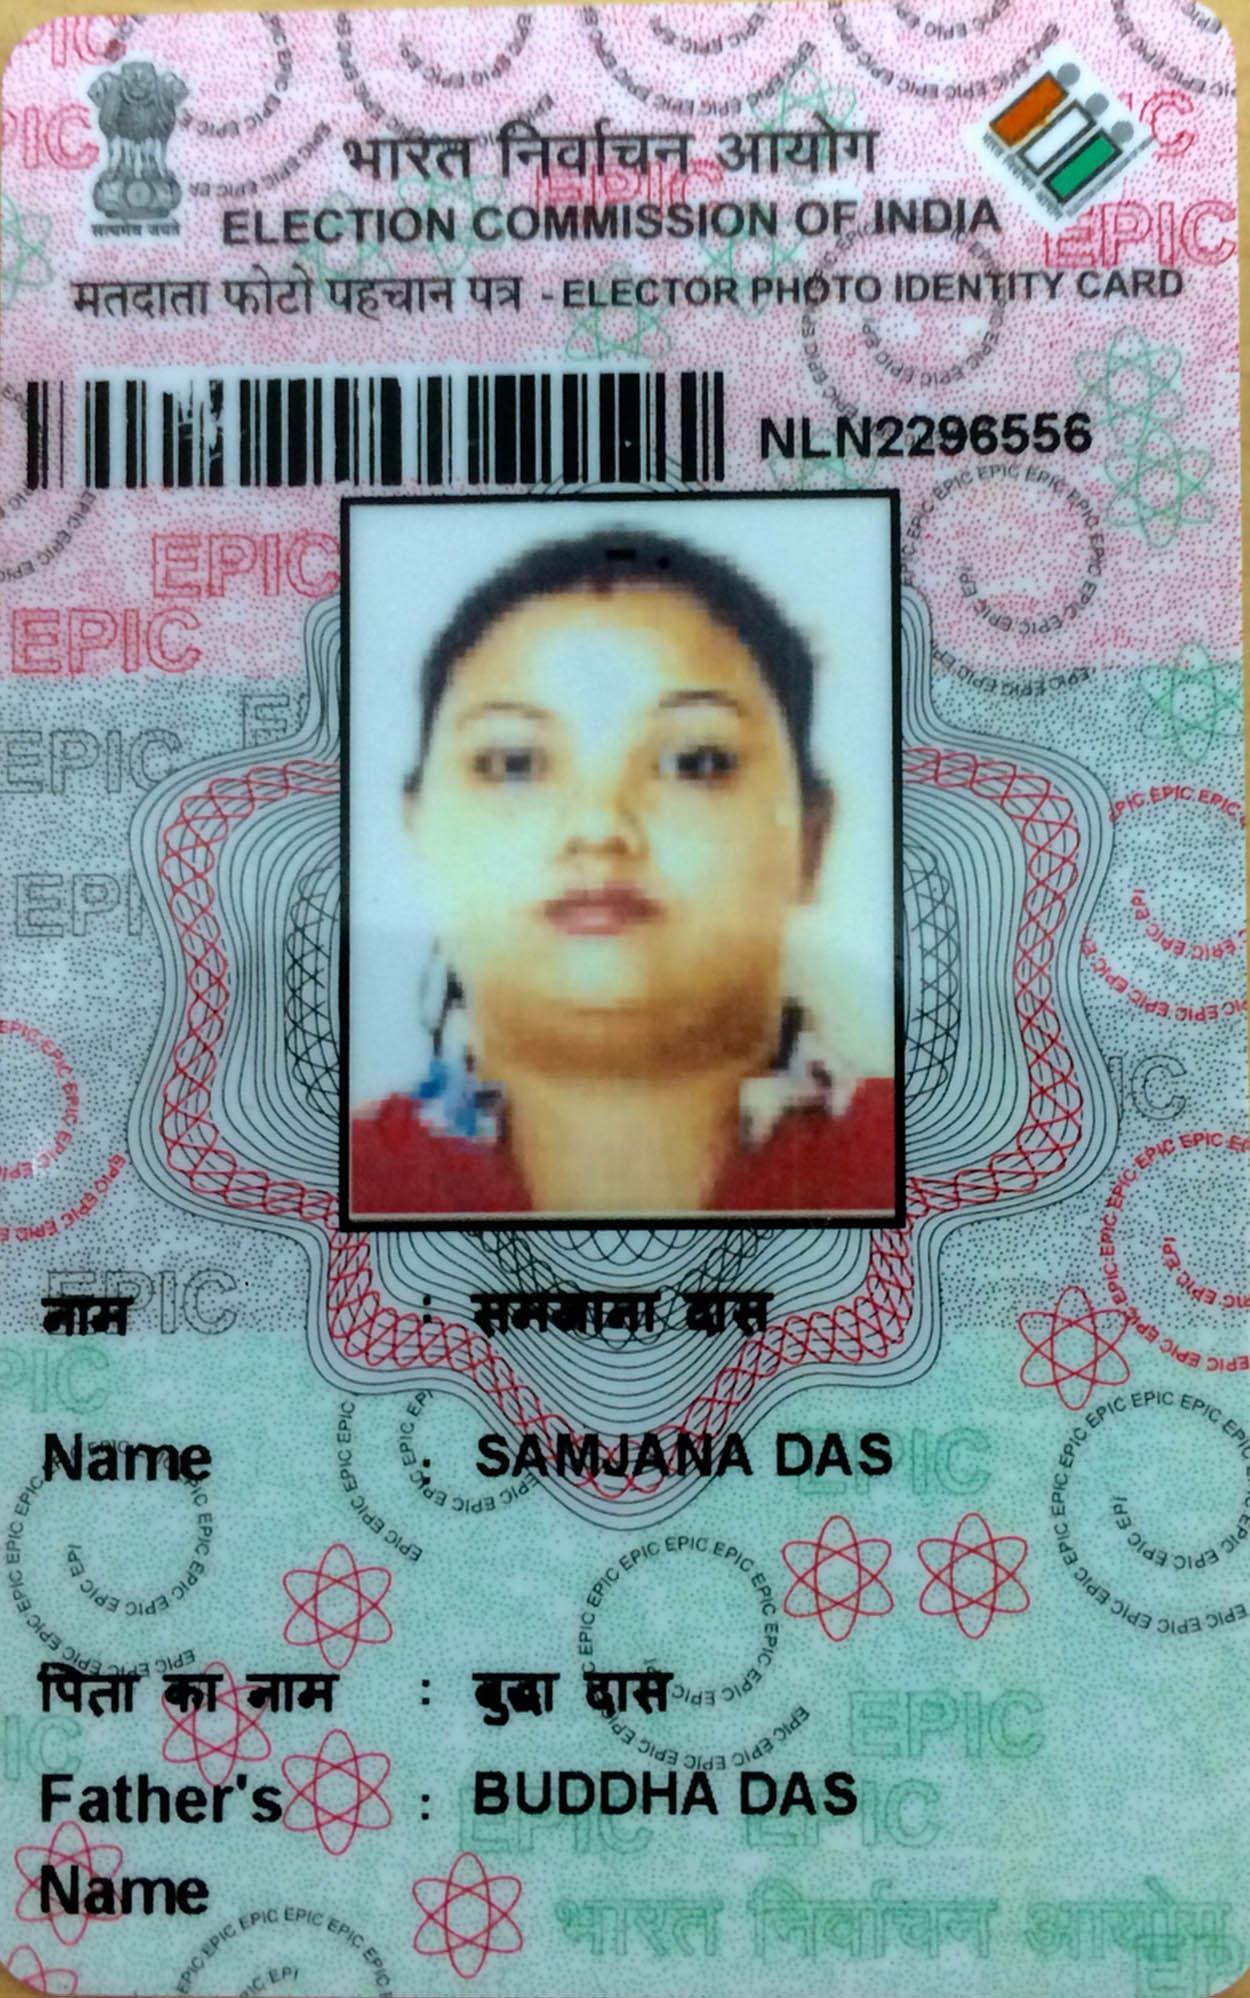 Samjana Das